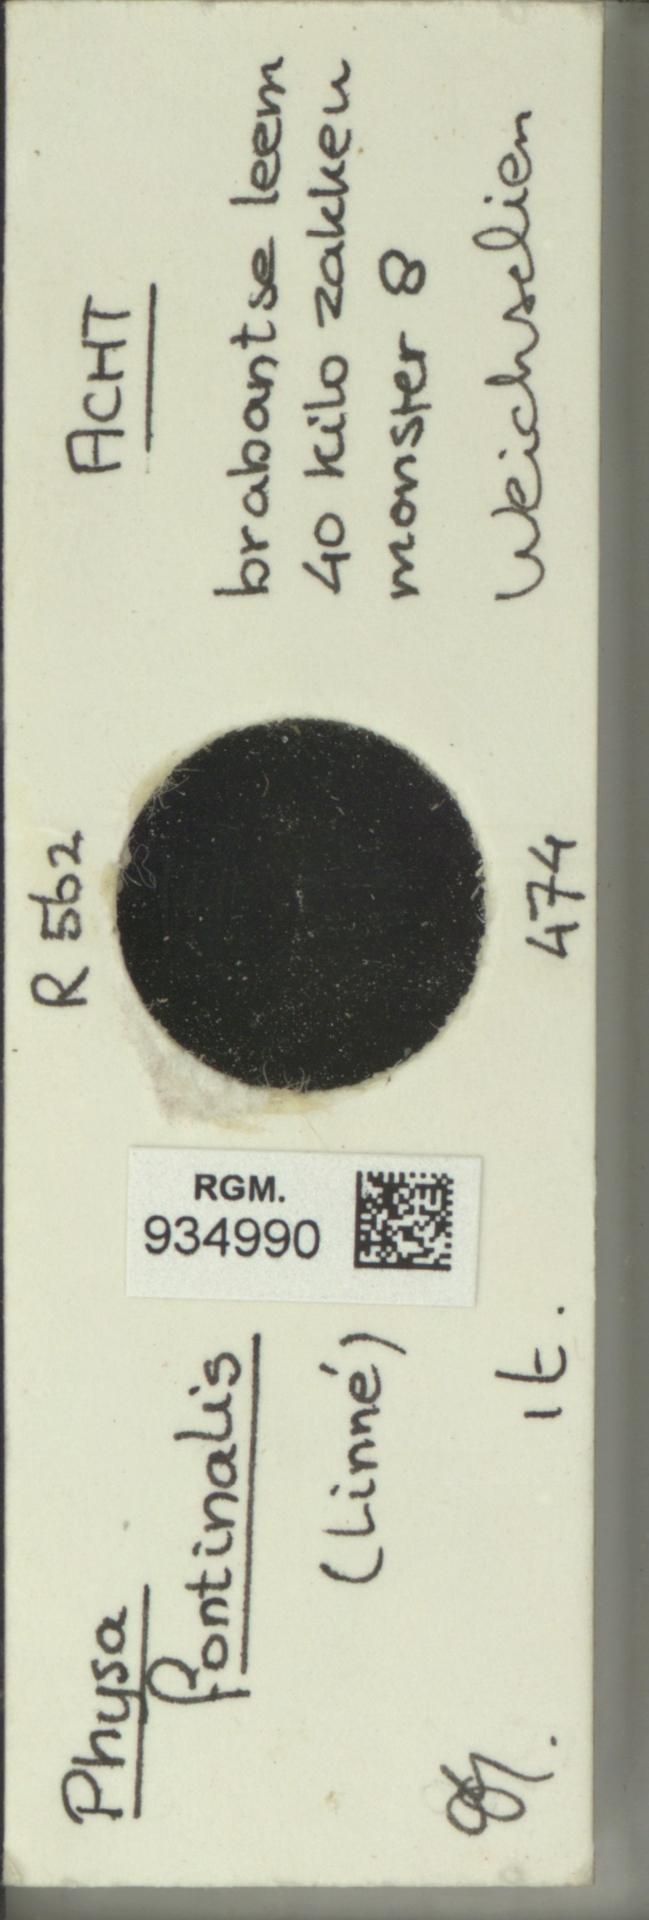 RGM.934990   Physa fontinalis Linné